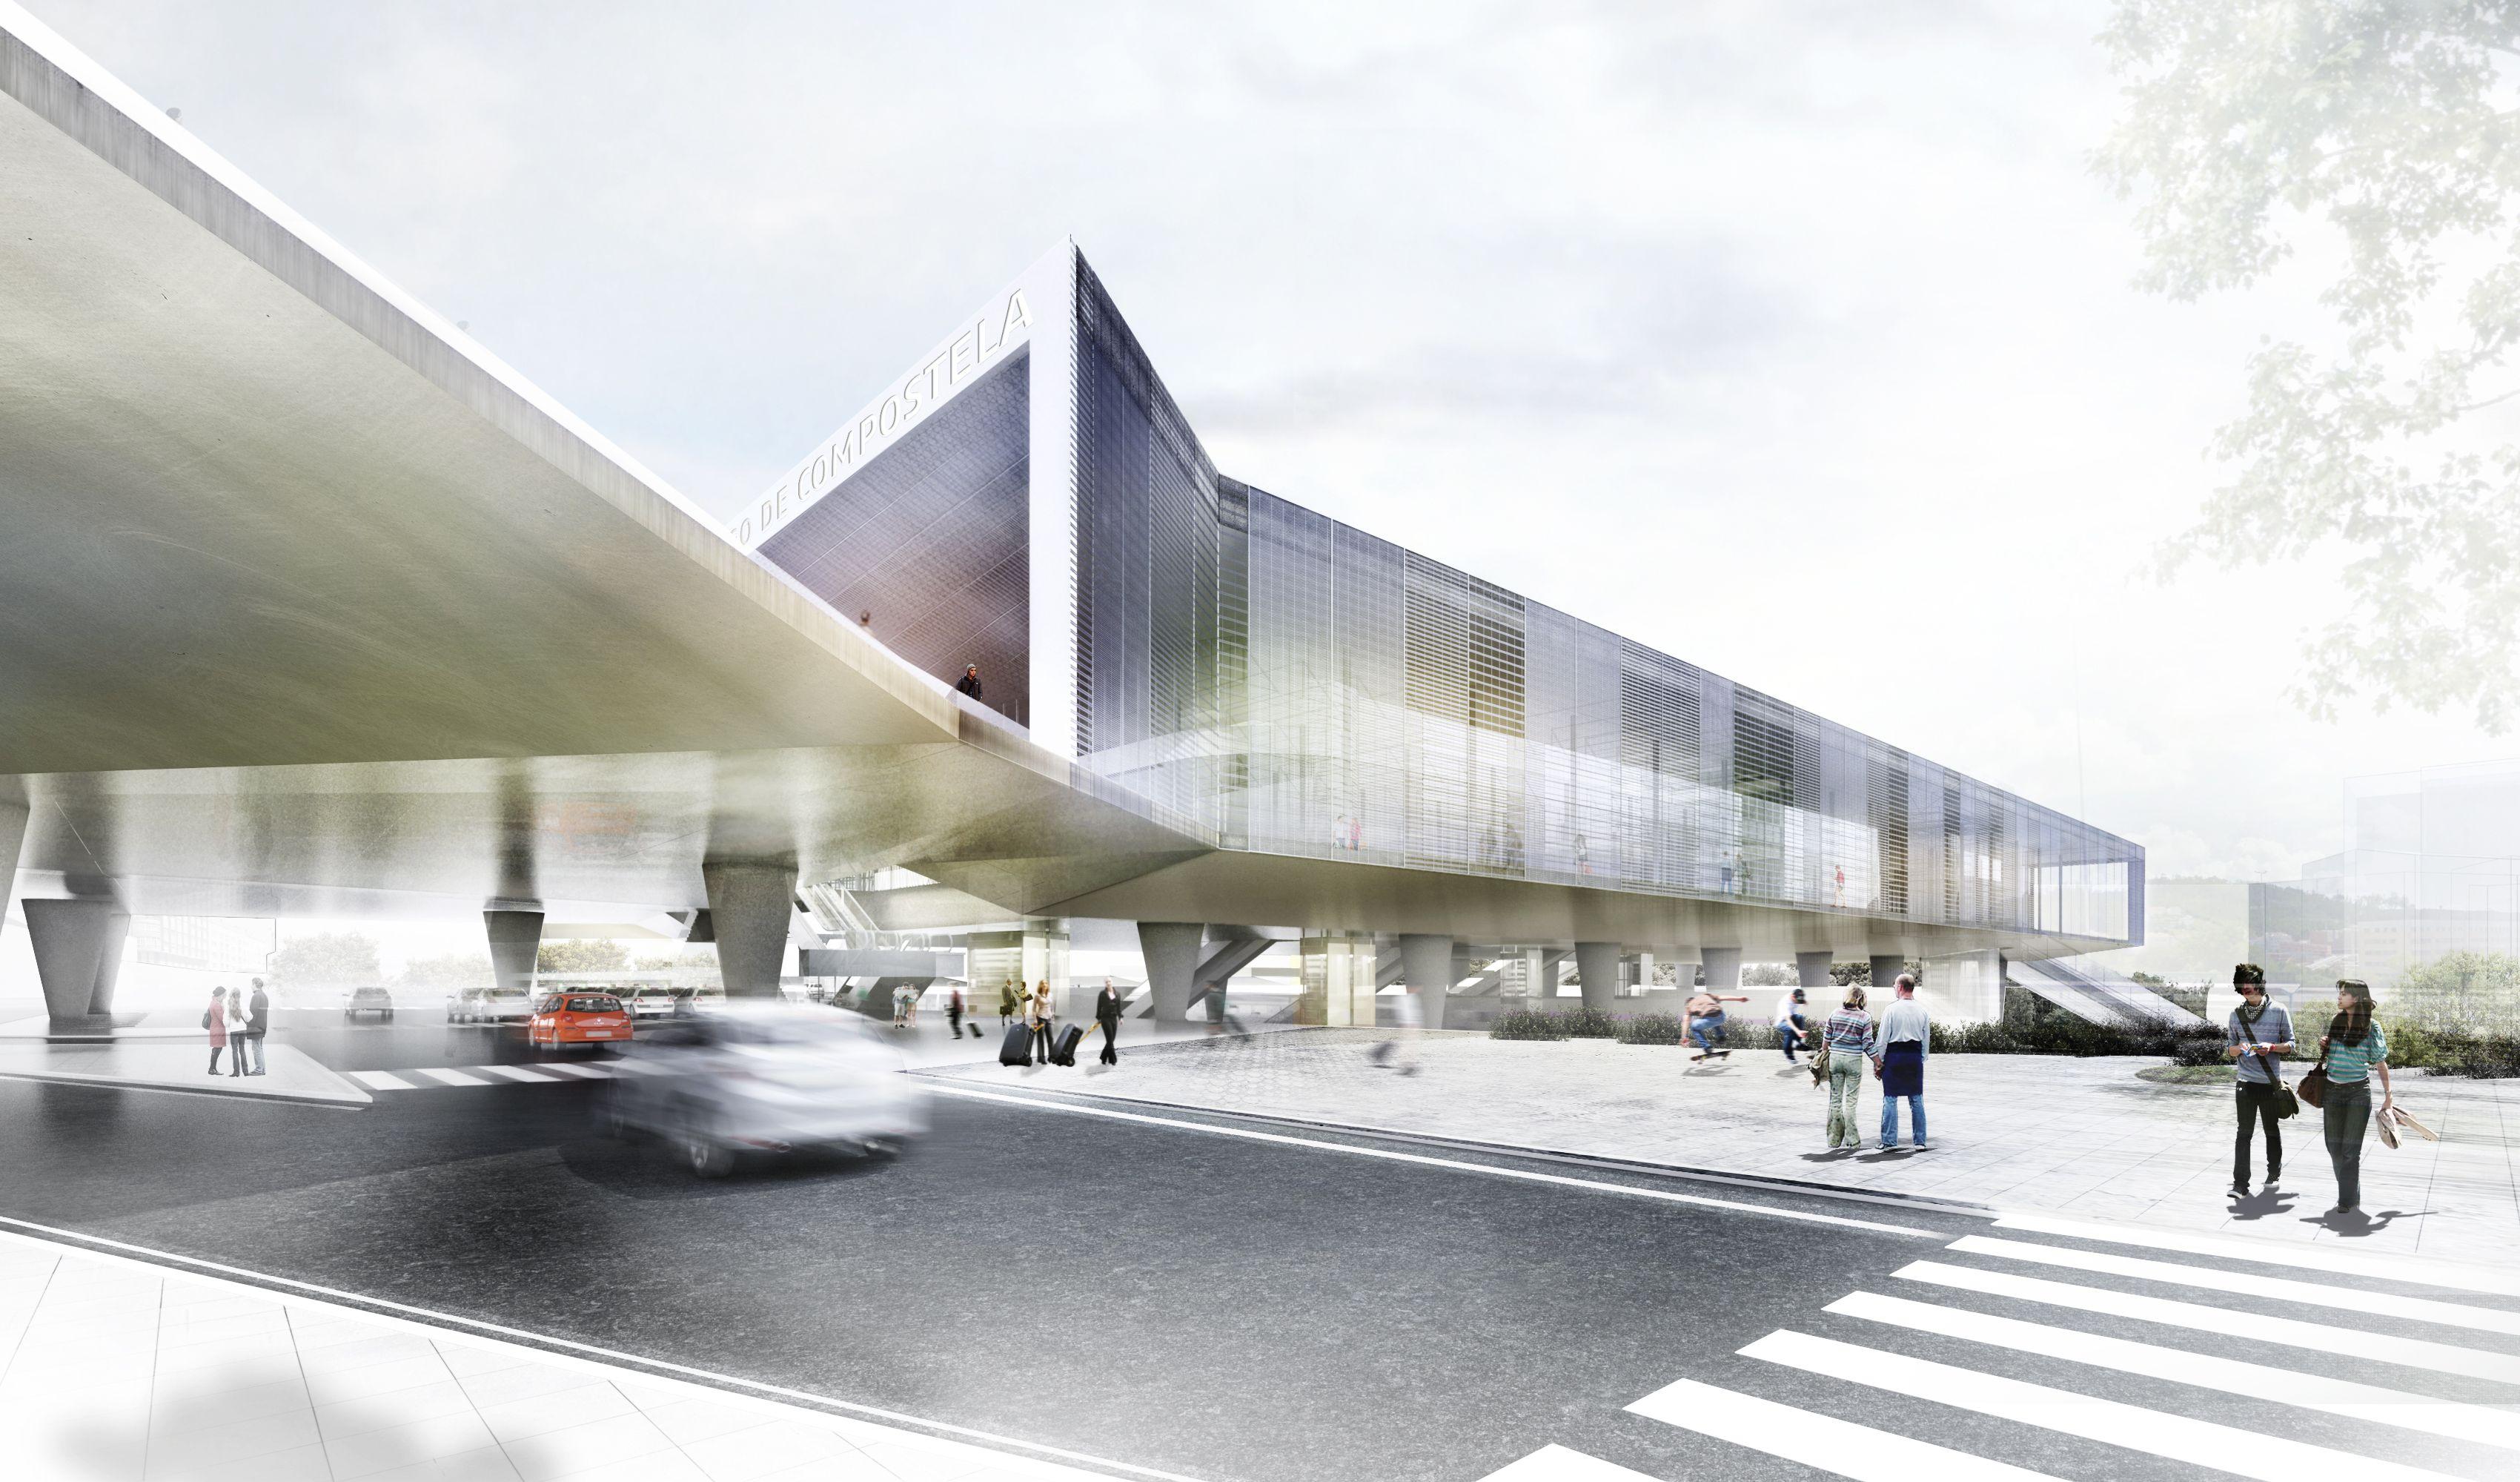 Juan herreros arquitectos ras nueva estaci n intermodal de santiago de compostela - Arquitectos santiago de compostela ...